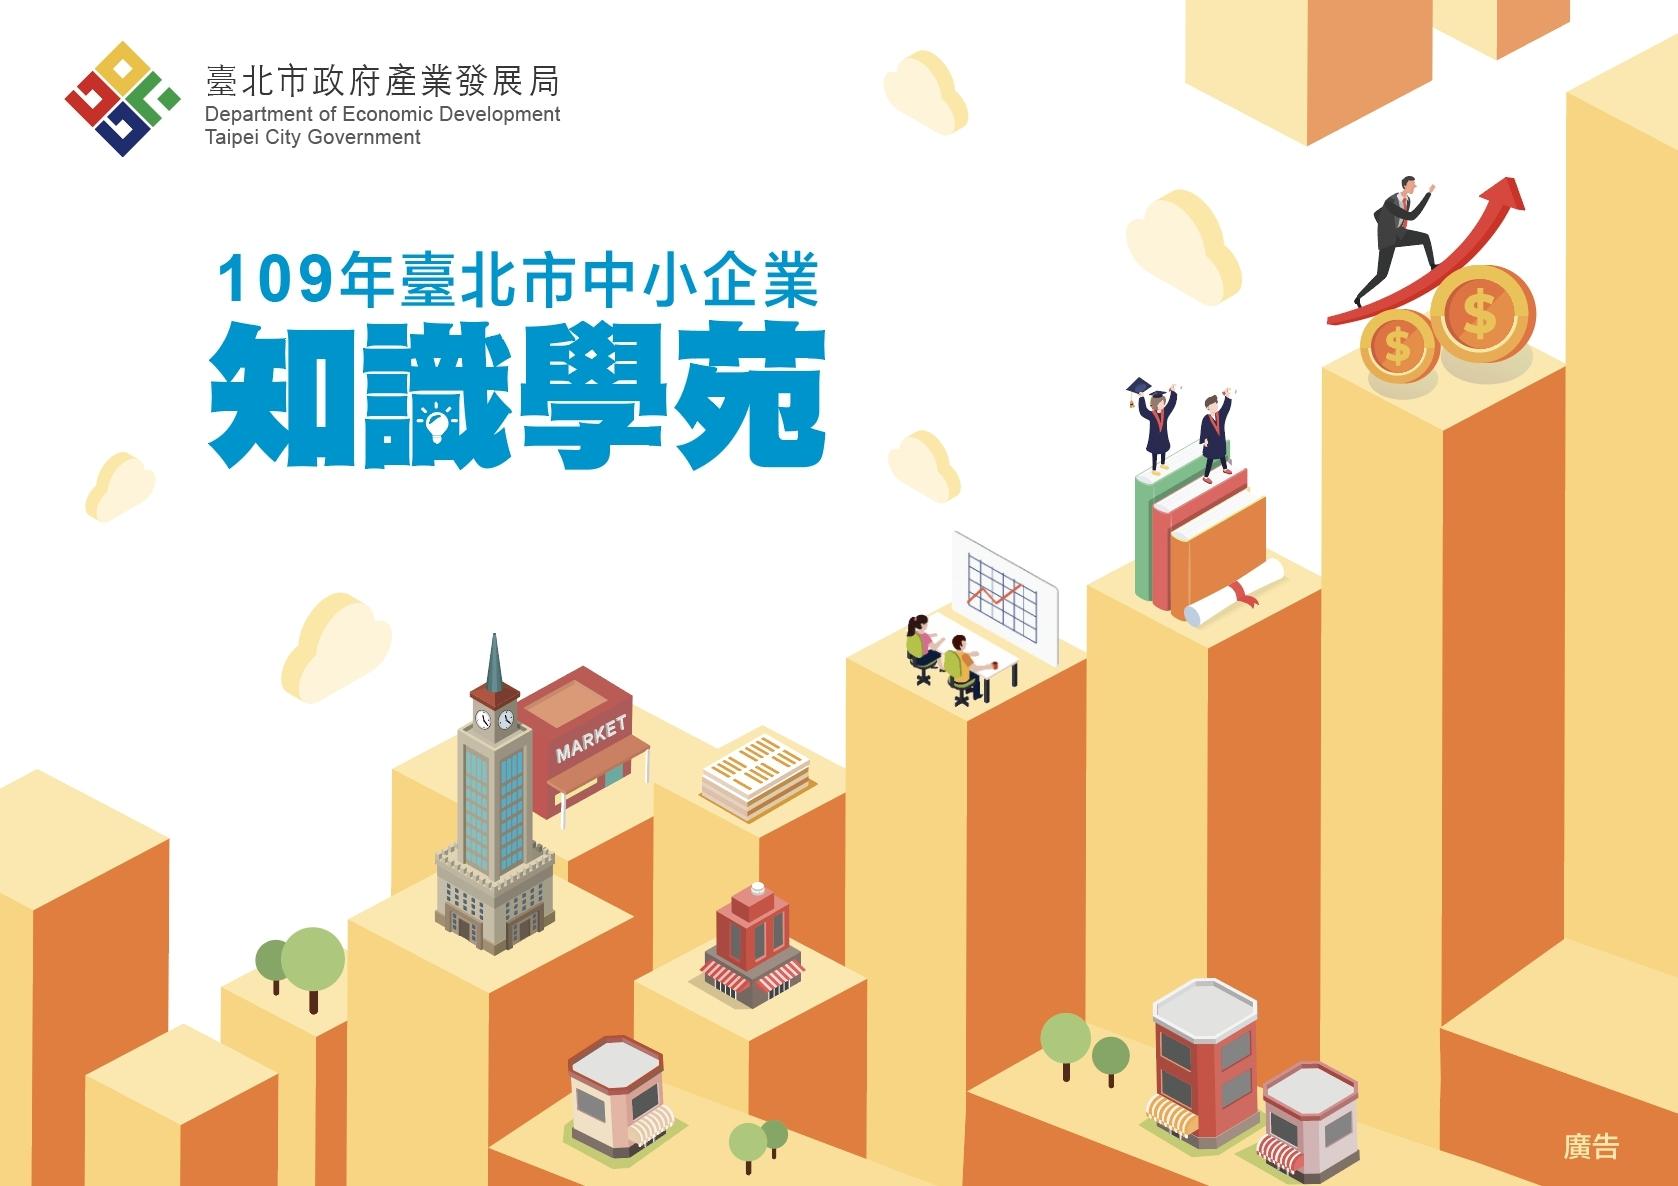 【已結束】臺北市知識學苑產業主題訓練營-初階課程圖片